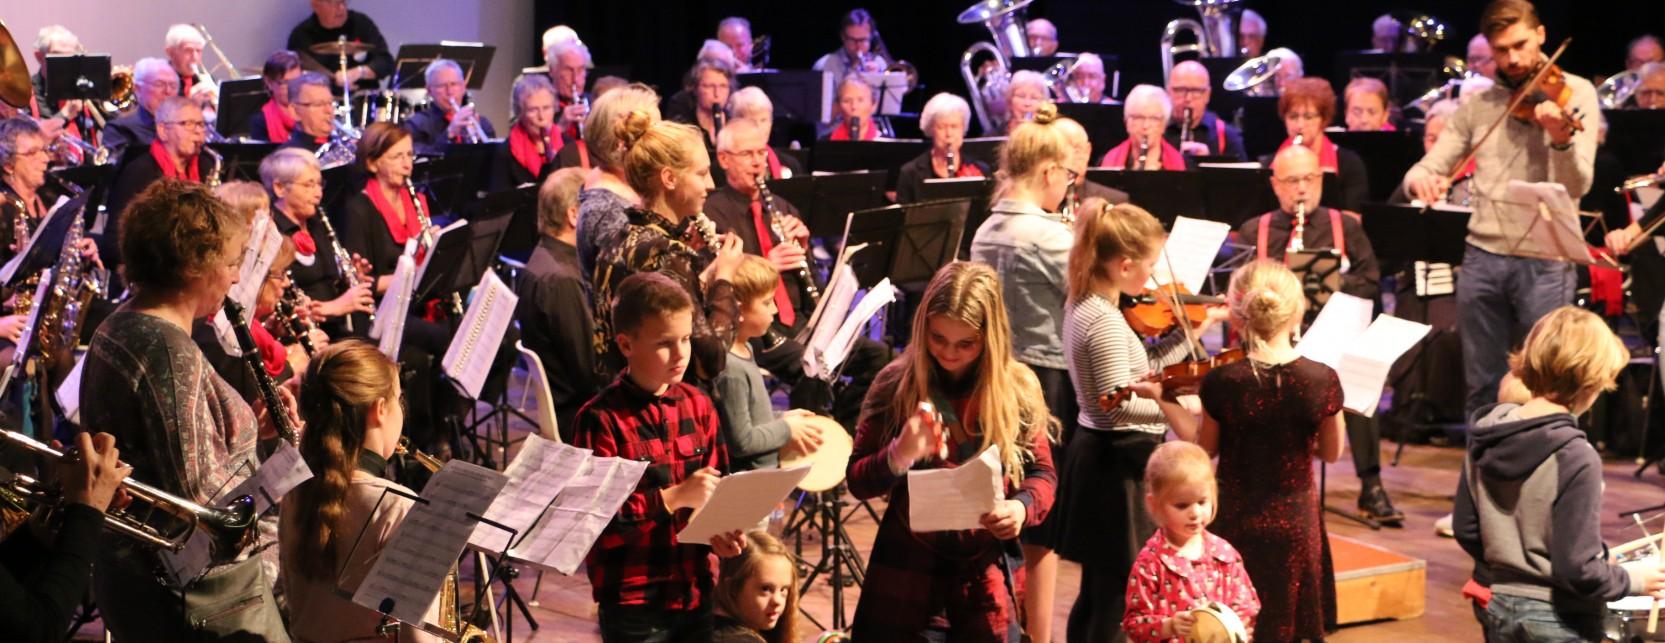 Kerstconcert RSO Midden-Brabant